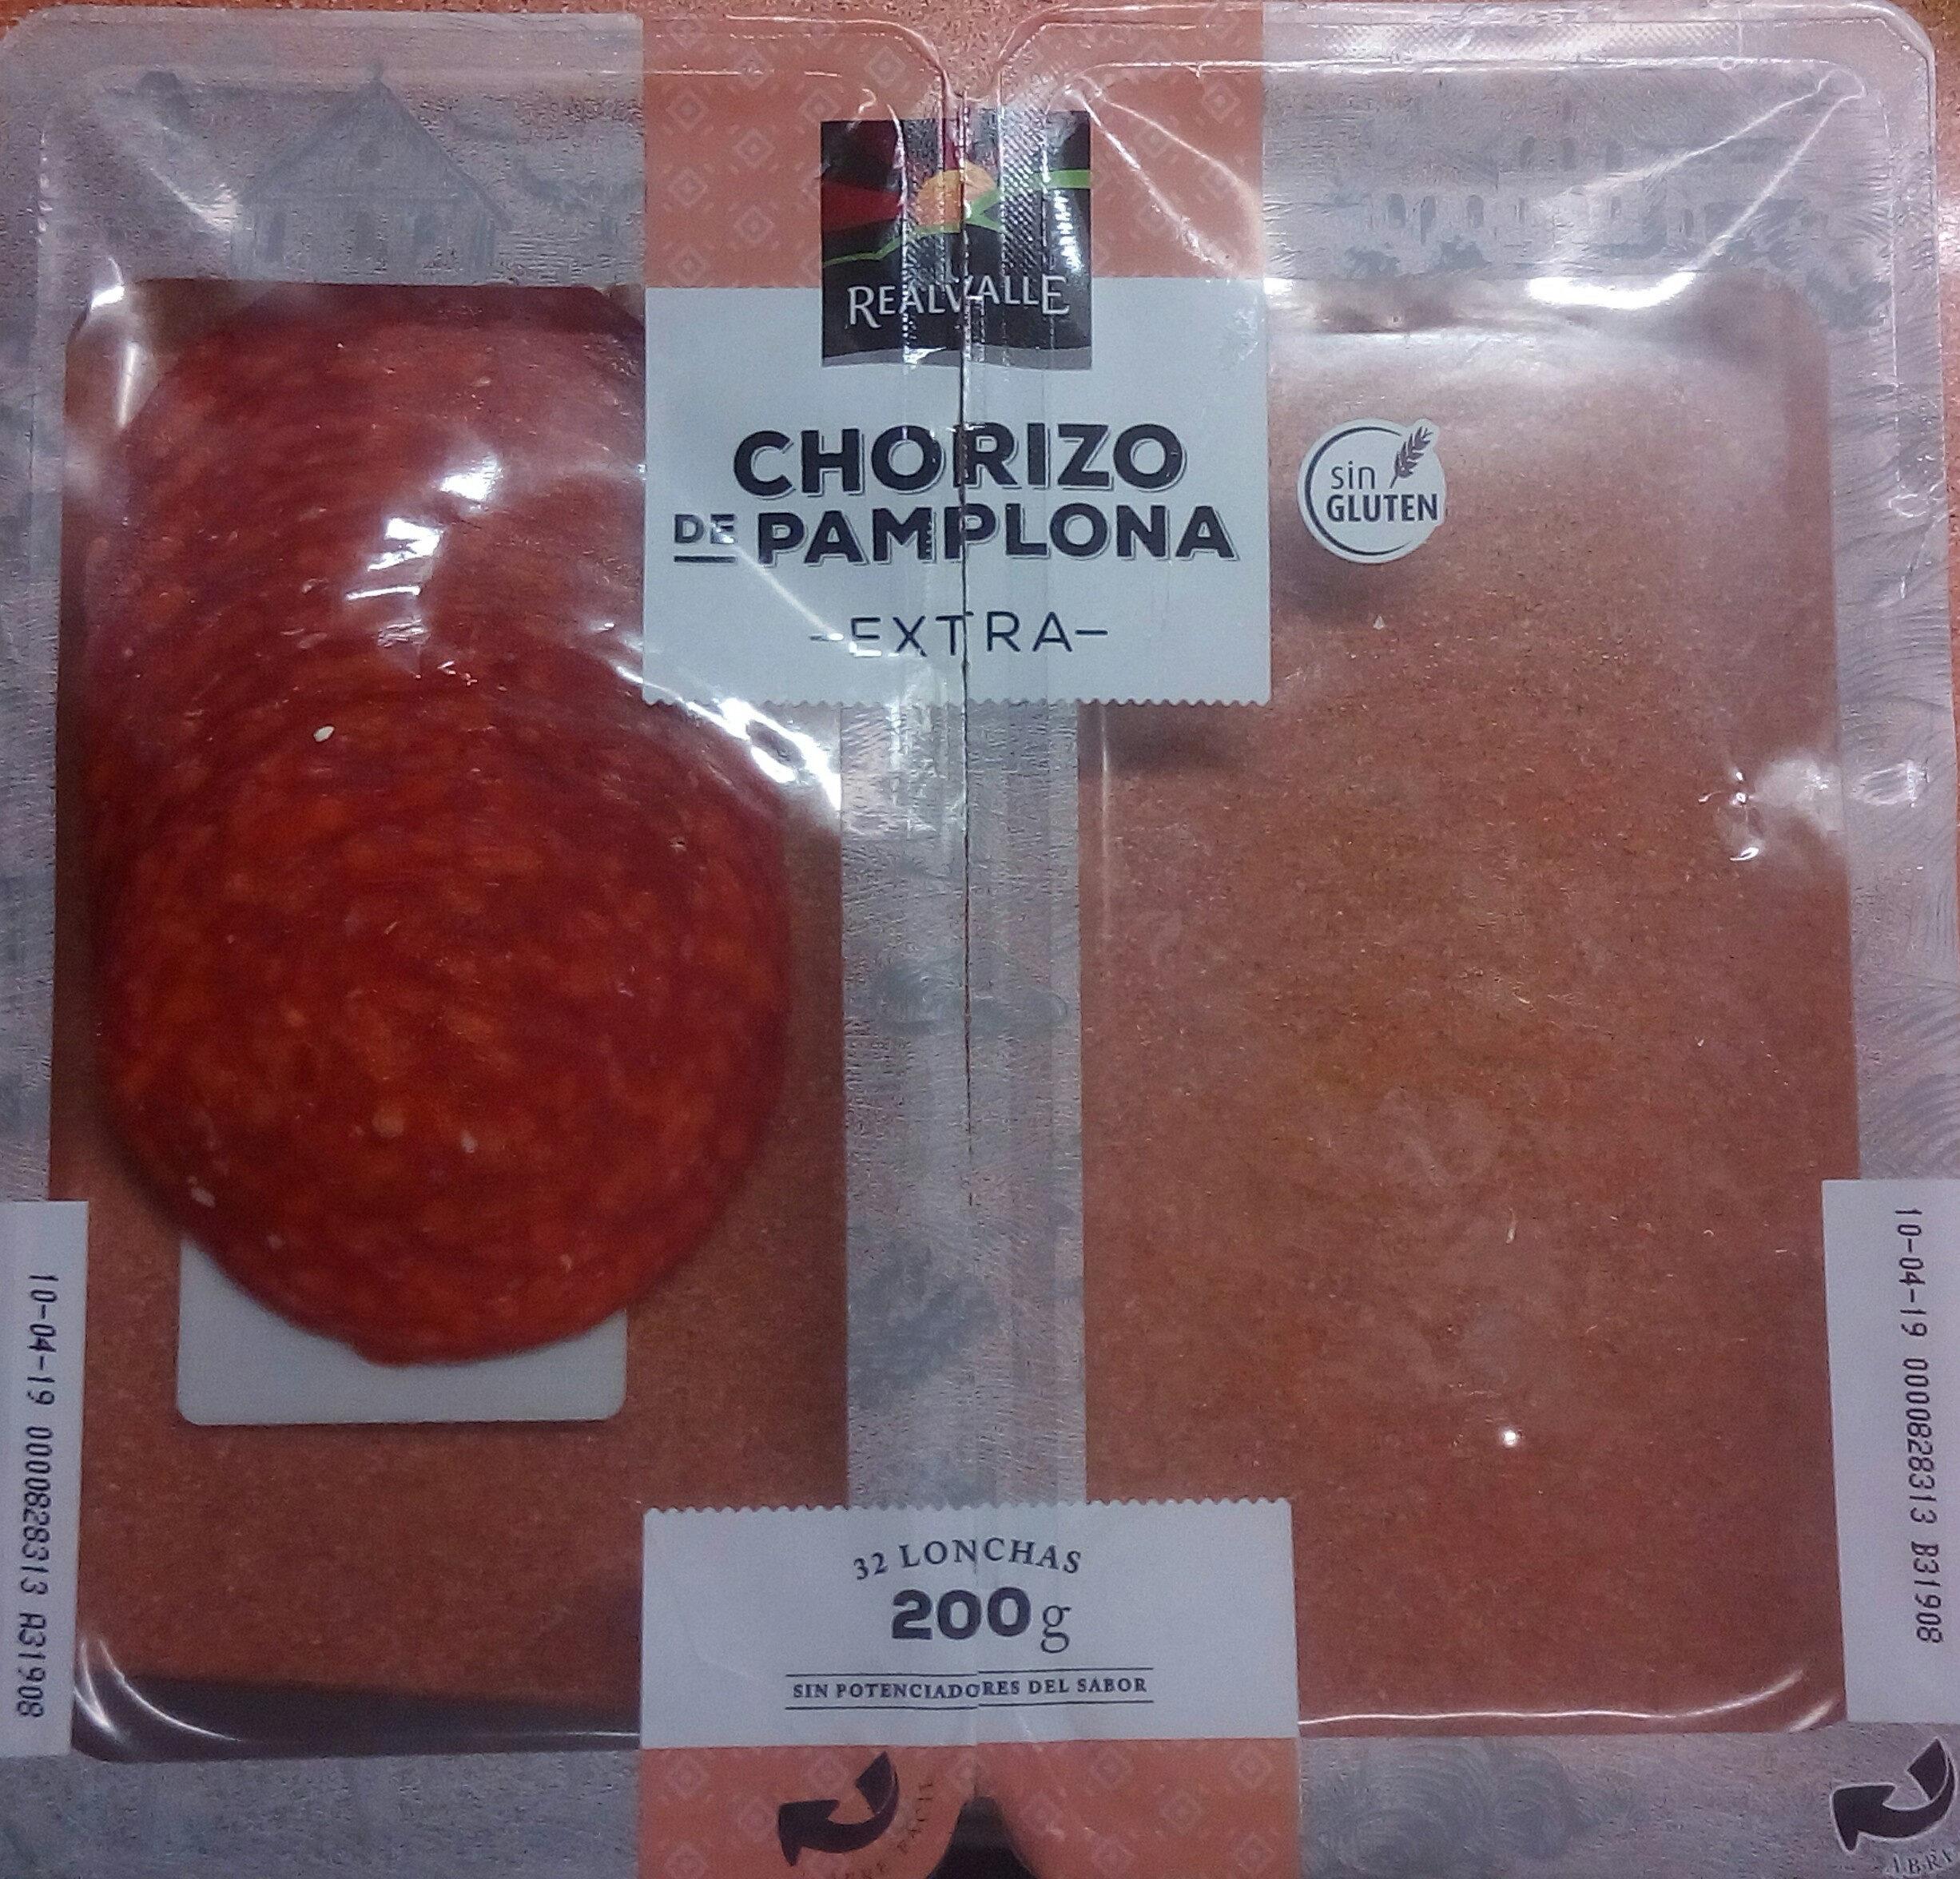 CHORIZO DE PAMPLONA EXTRA - Product